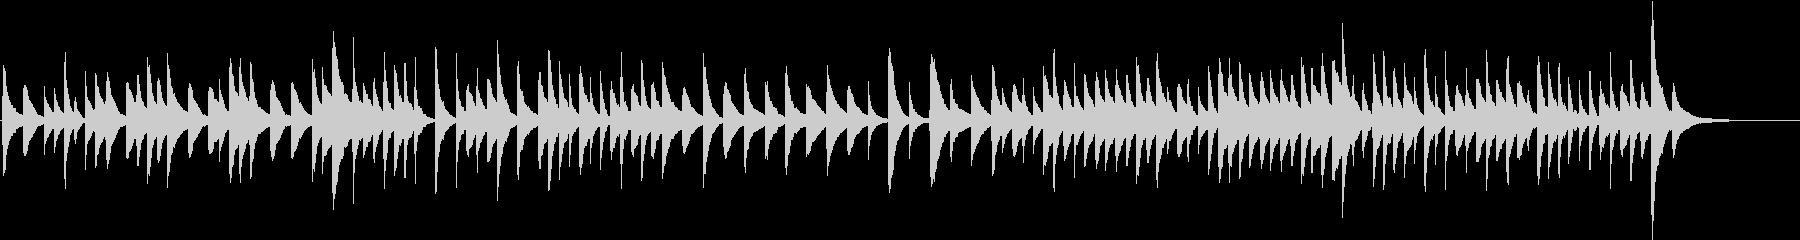 癒やしの空間をイメージしたスローな曲の未再生の波形